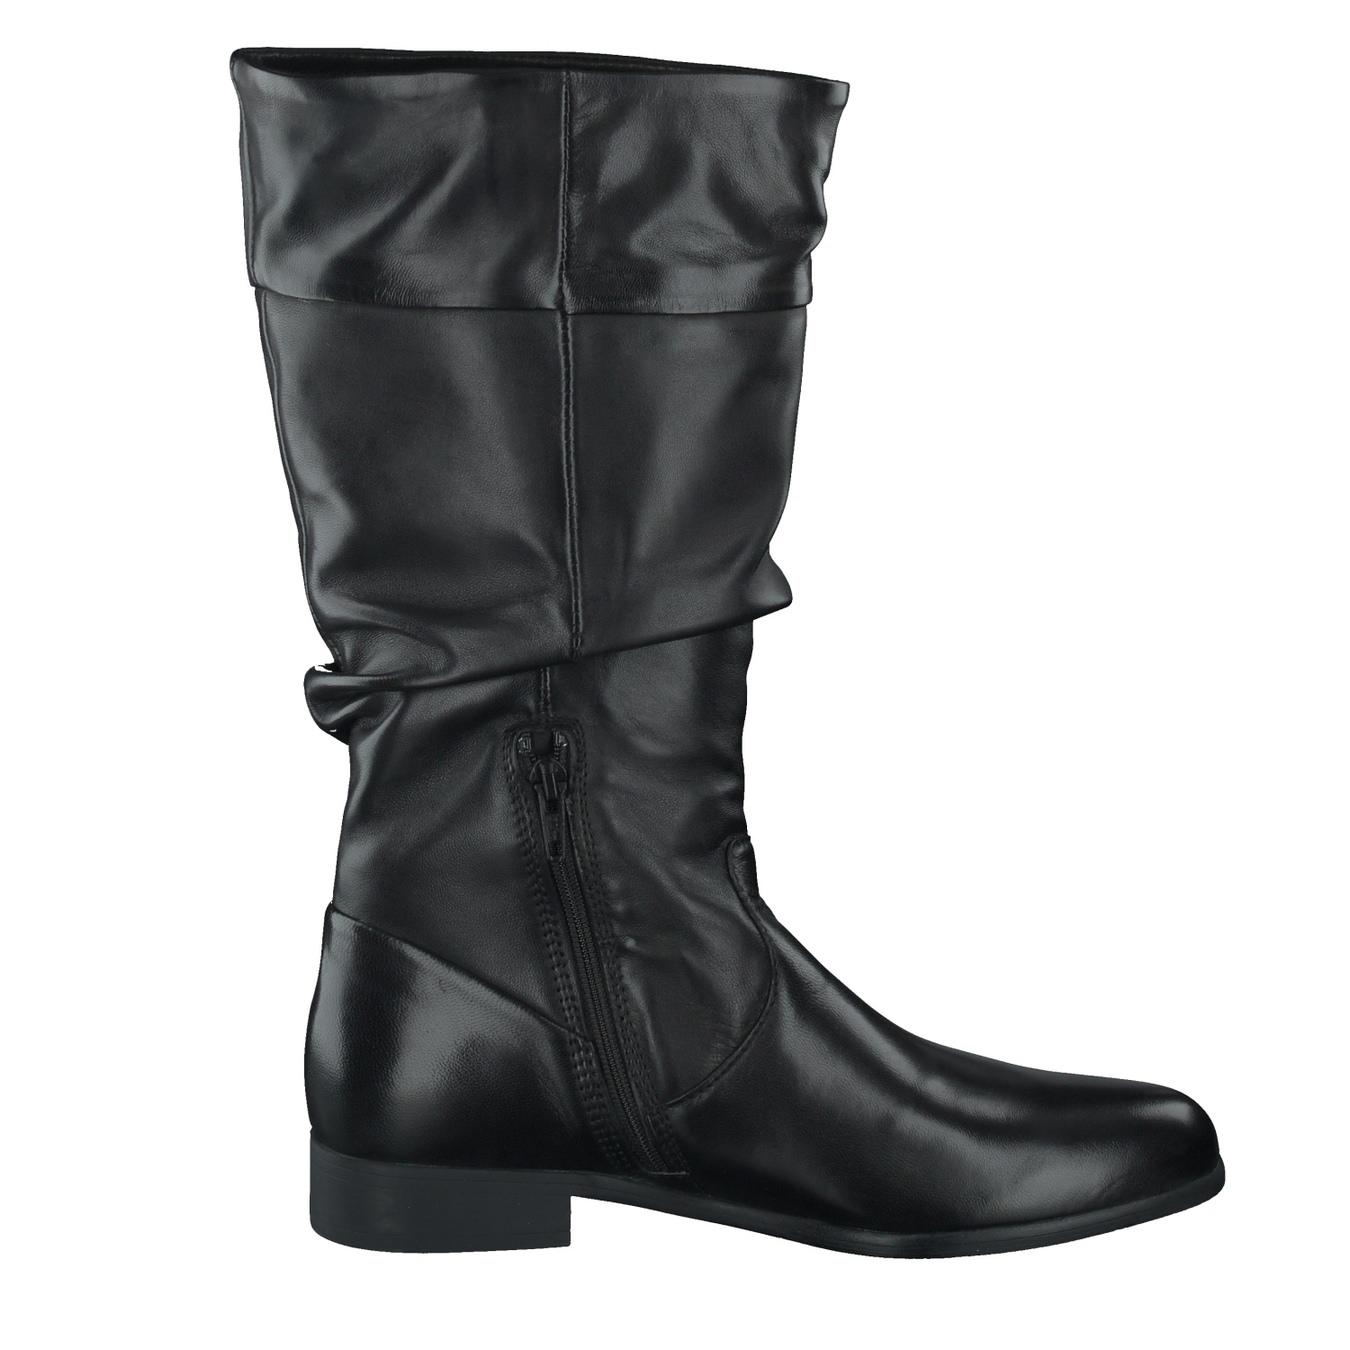 223b65d2497d9a Ralph Harrison Damen Stiefel in schwarz kaufen